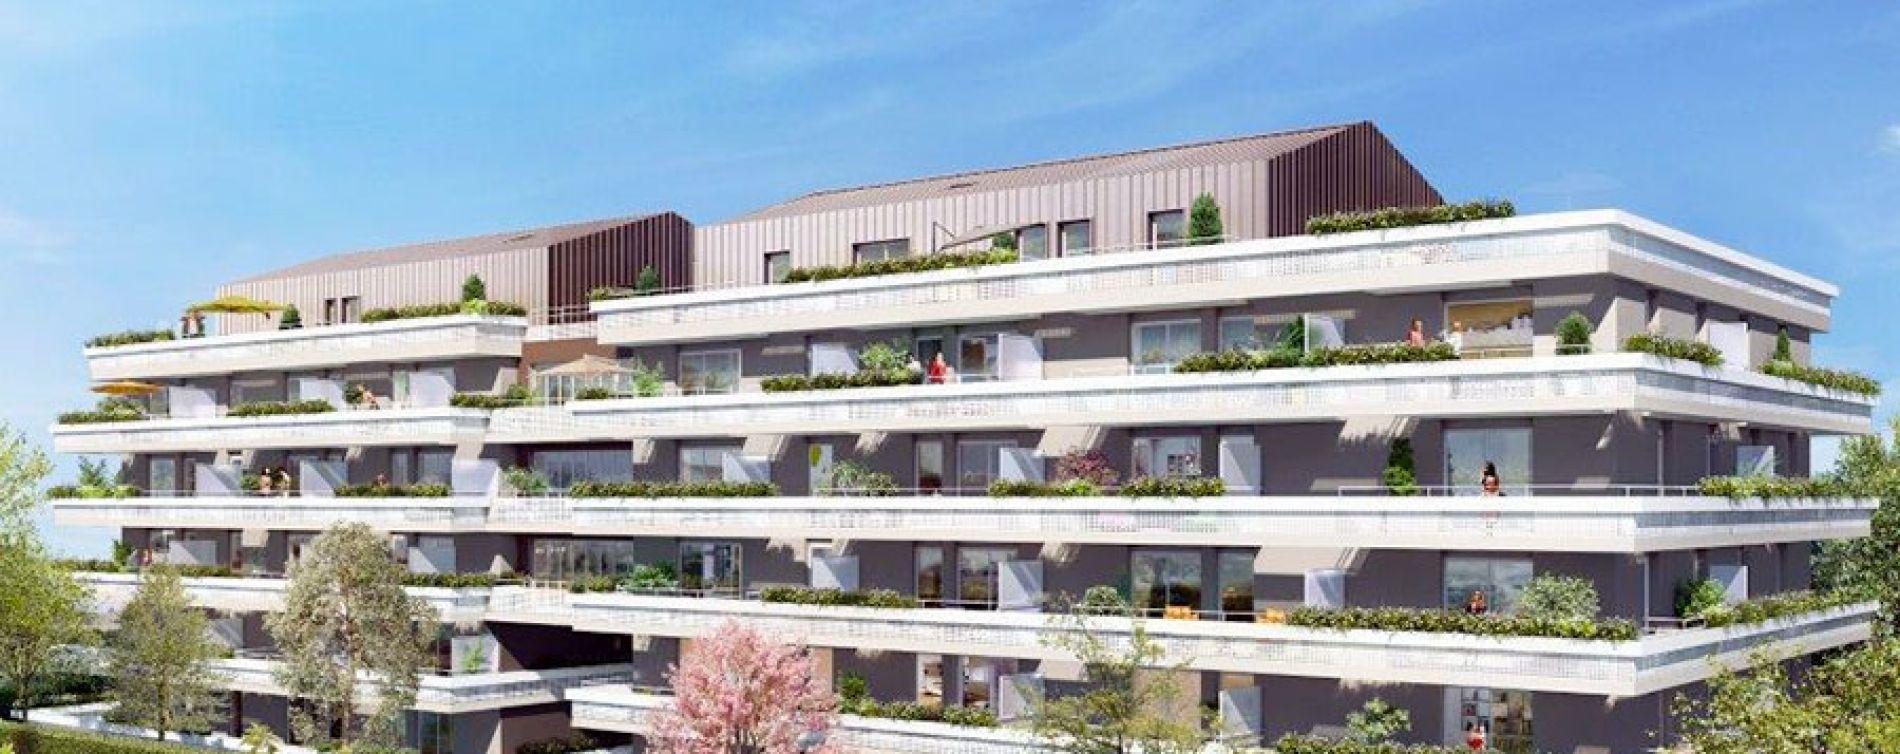 Résidence Alcove à Montpellier